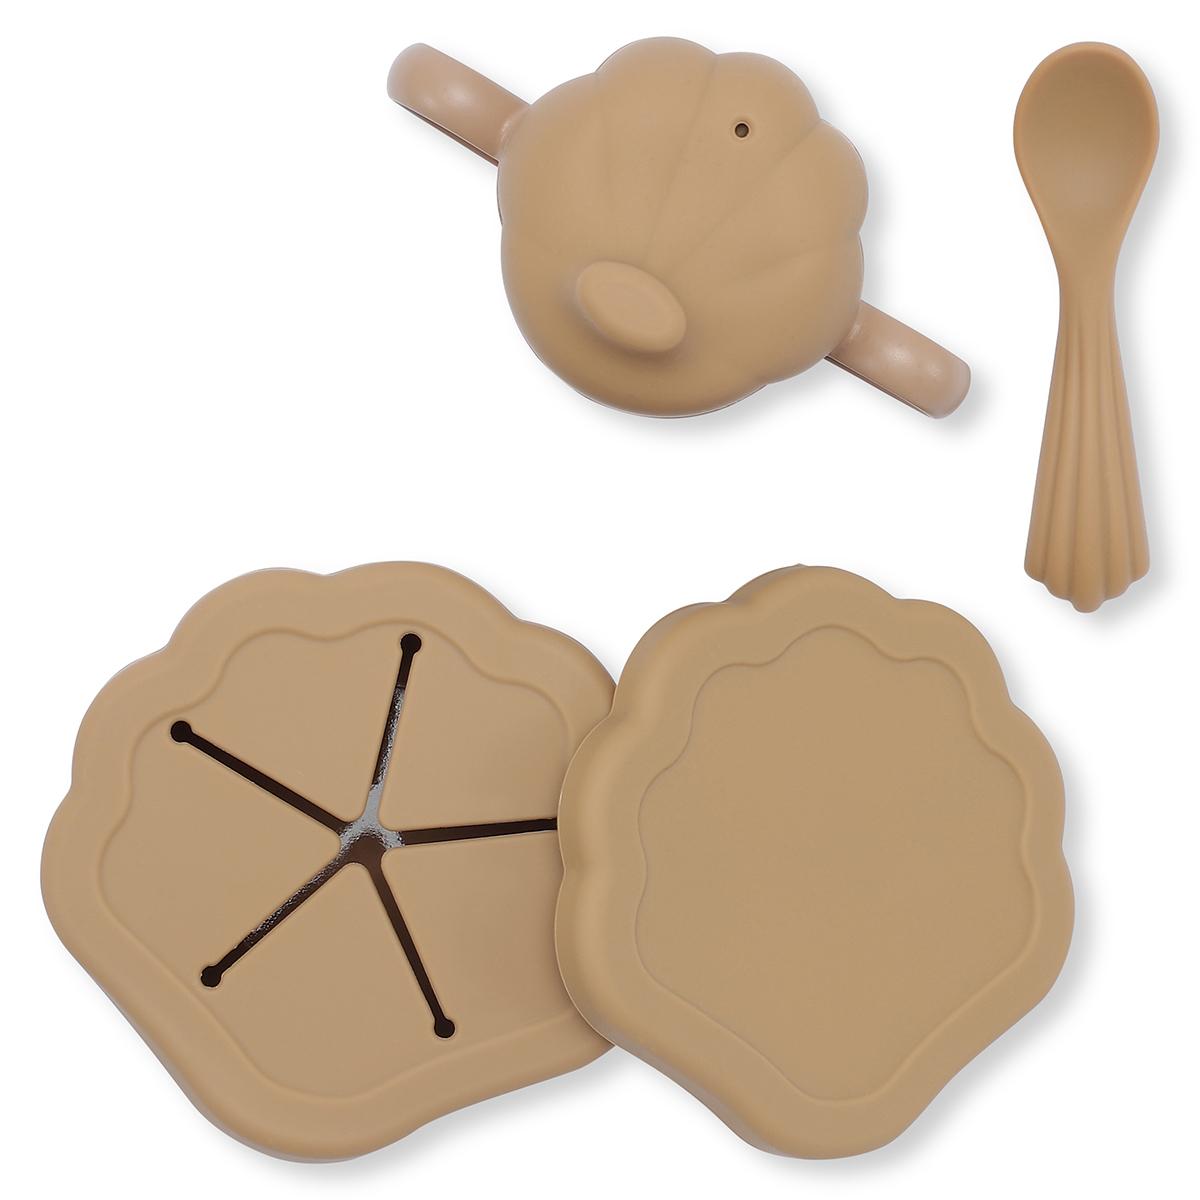 Coffret repas Set de Repas 5 Pièces Coquillage - Terracotta Set de Repas 5 Pièces Coquillage - Terracotta